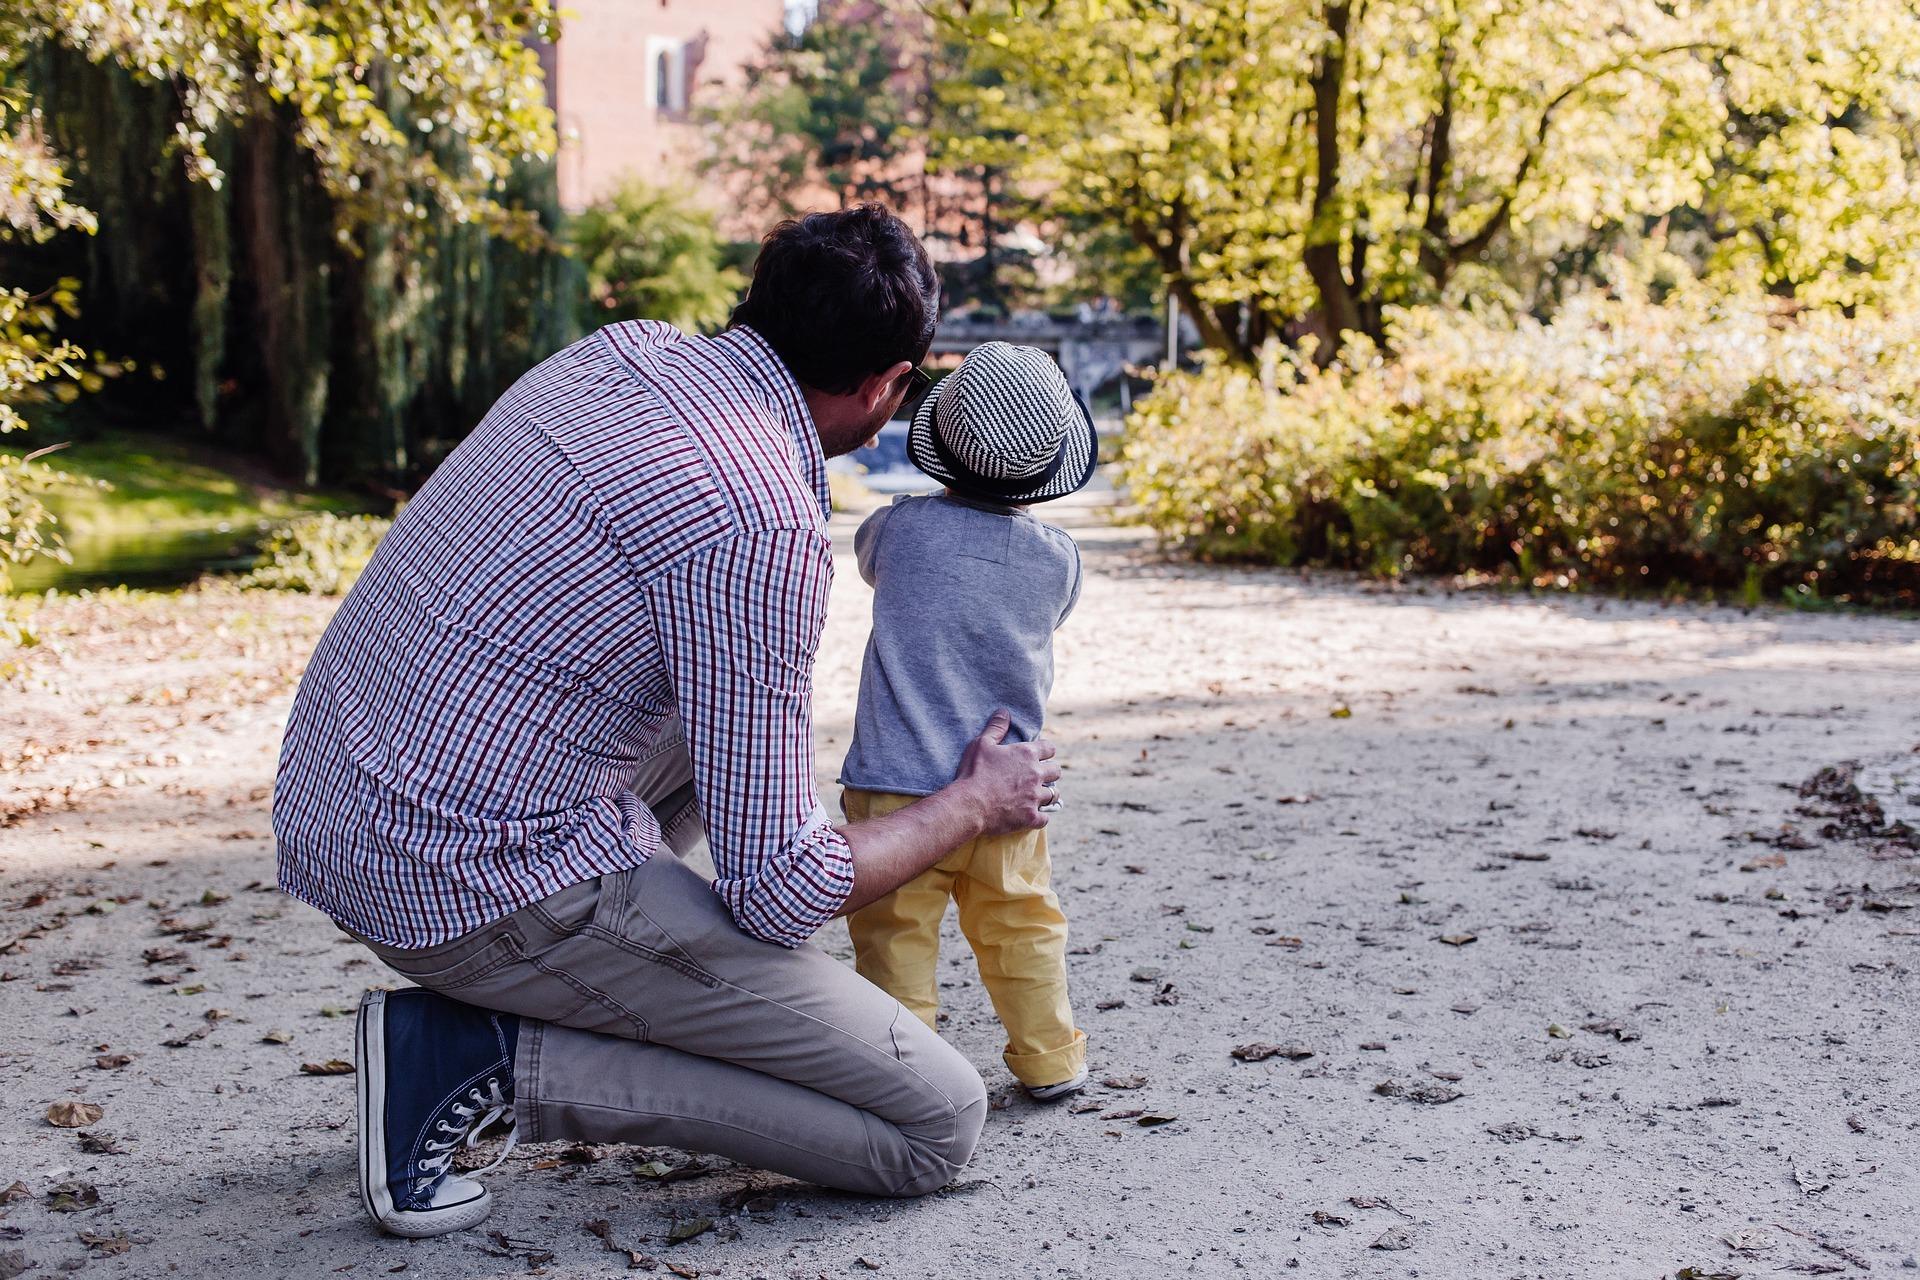 Tata czarodziej, piosenka na Dzień Ojca, tekst i melodia